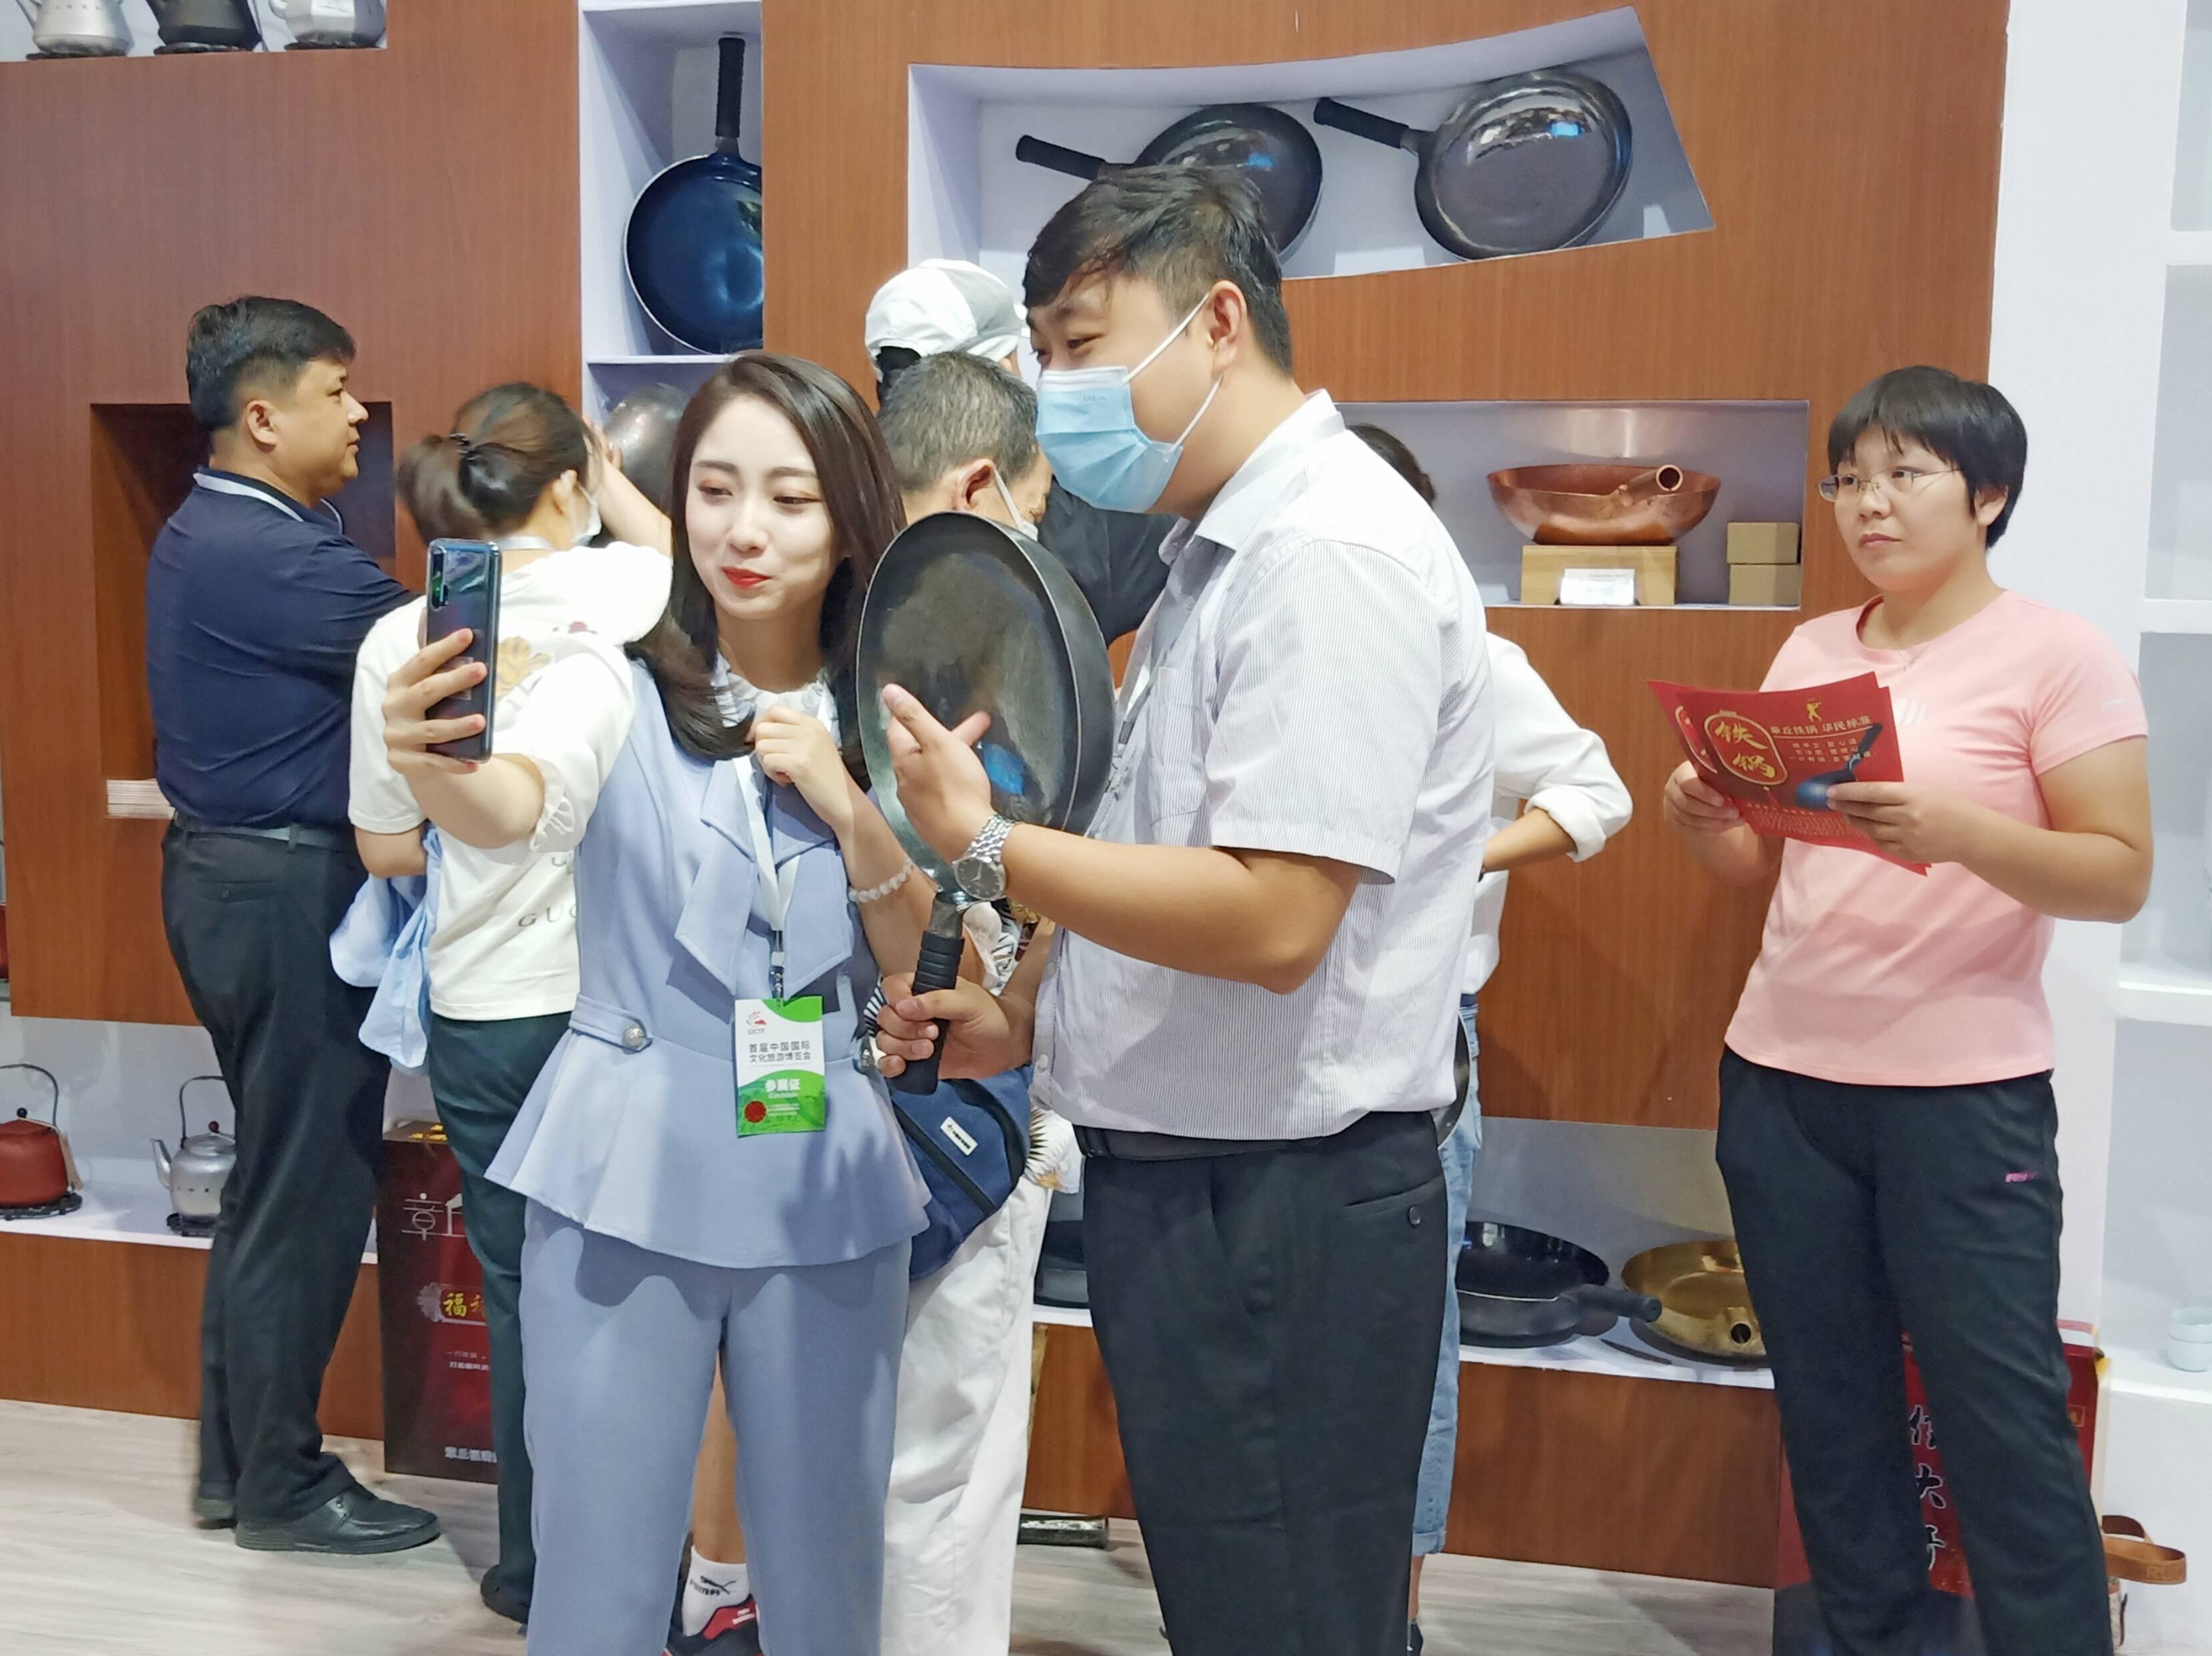 来吧,展示!首届中国文旅博览会济南章丘区亮点多多 前来围观